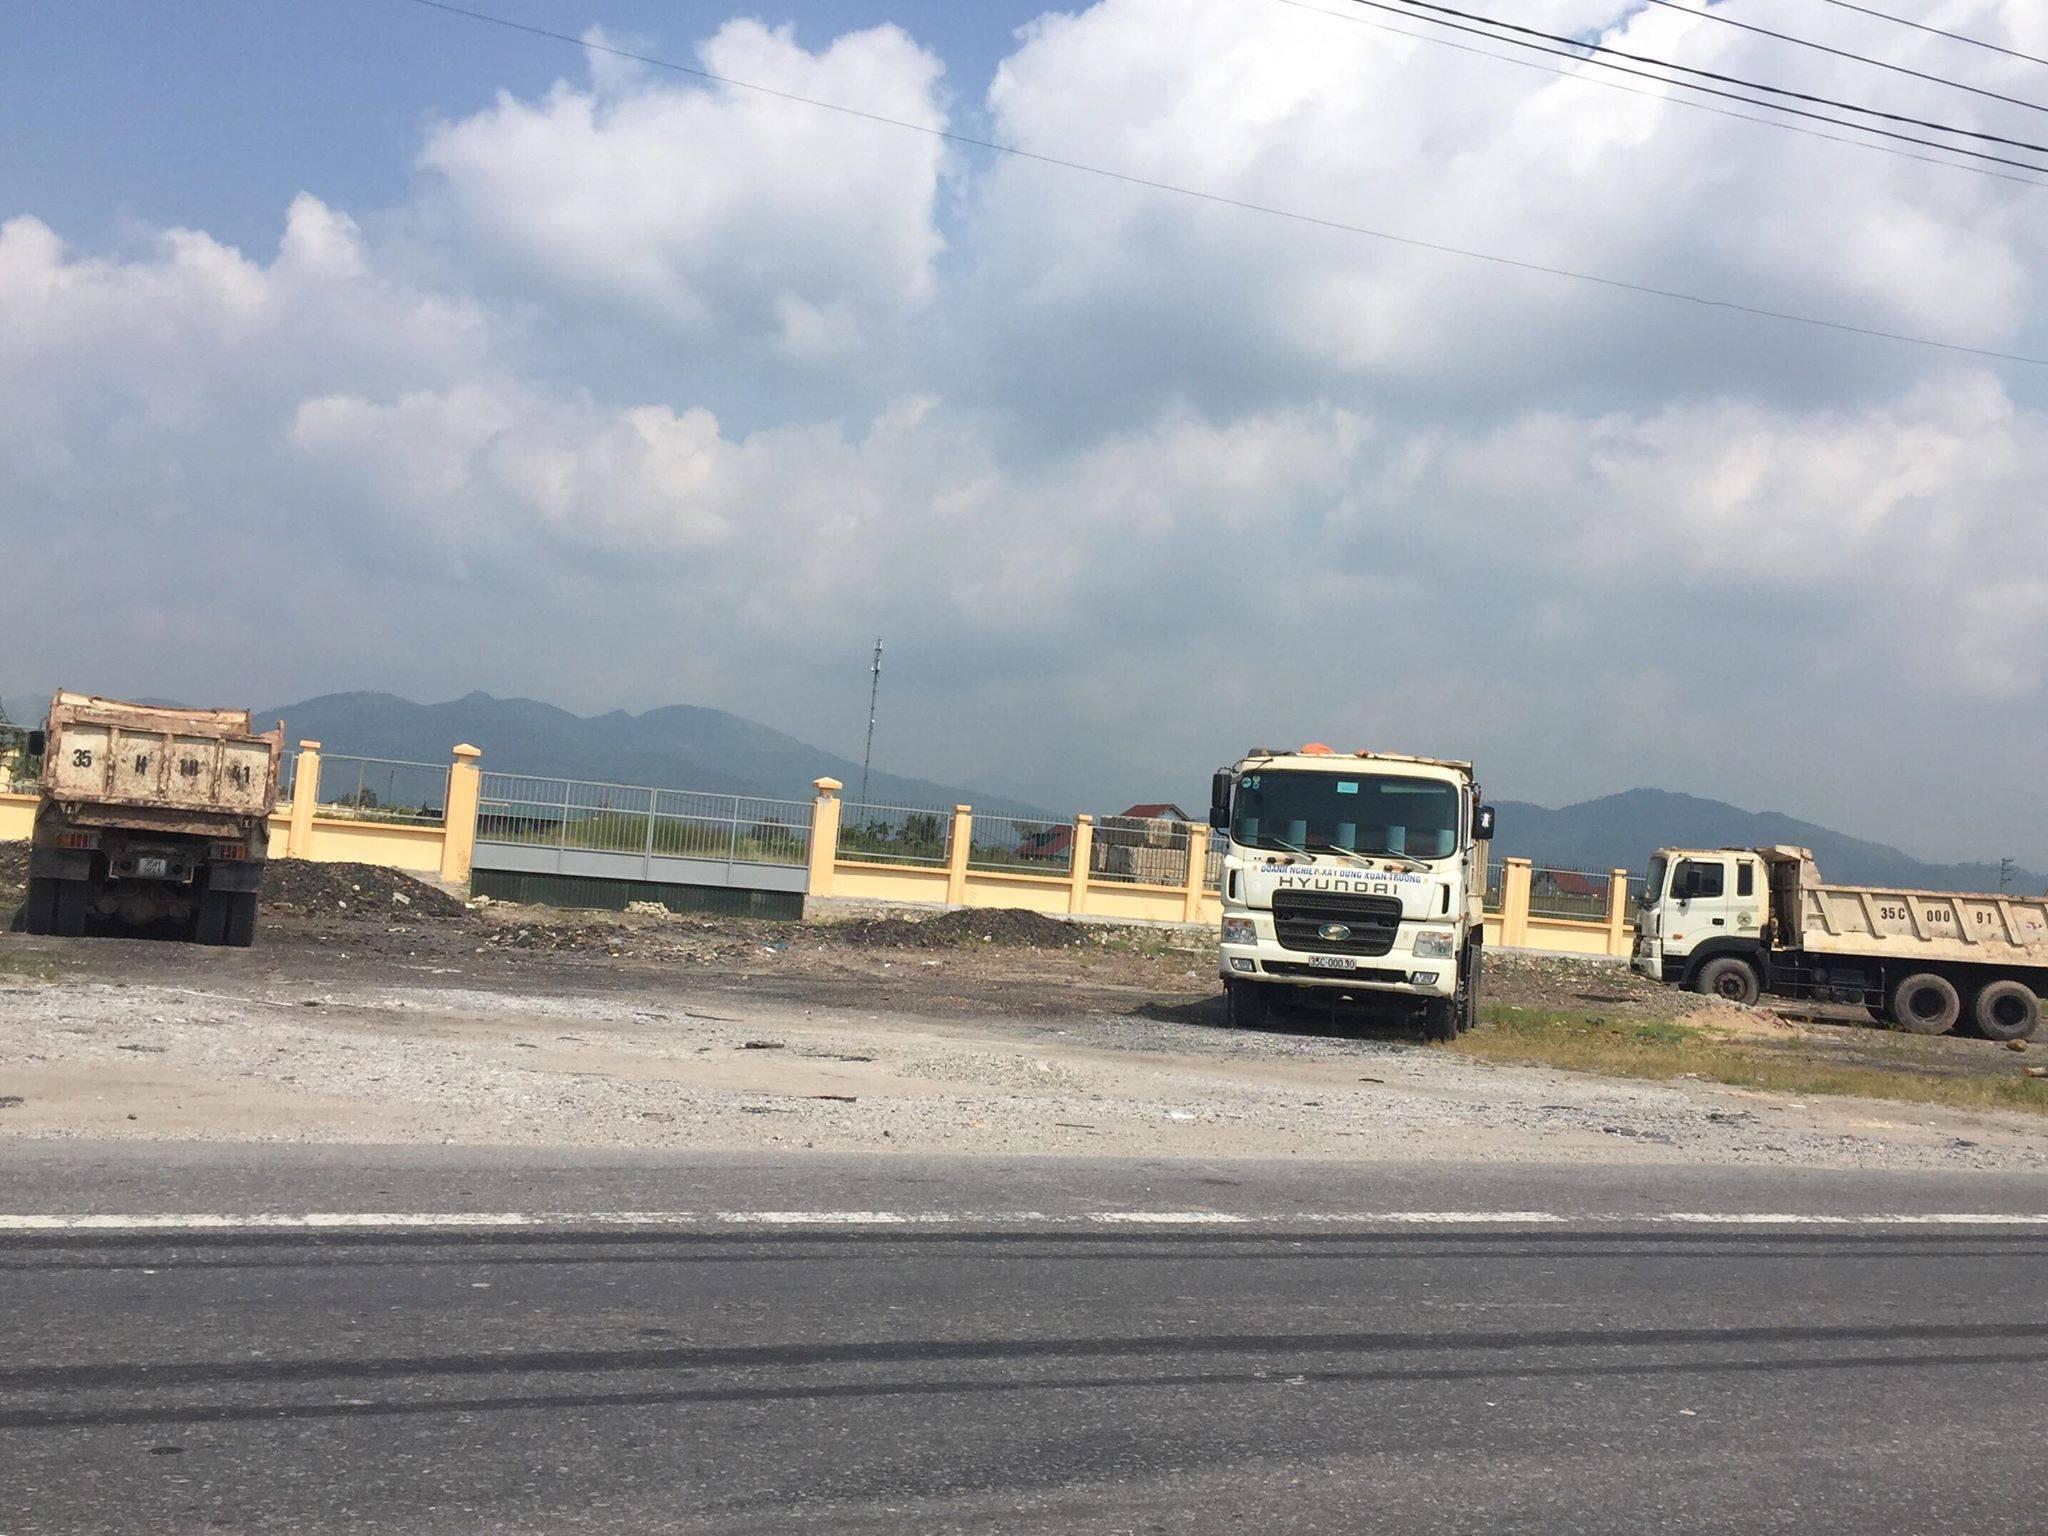 14 xe tải dàn hàng trên quốc lộ chống đối gây ùn tắc